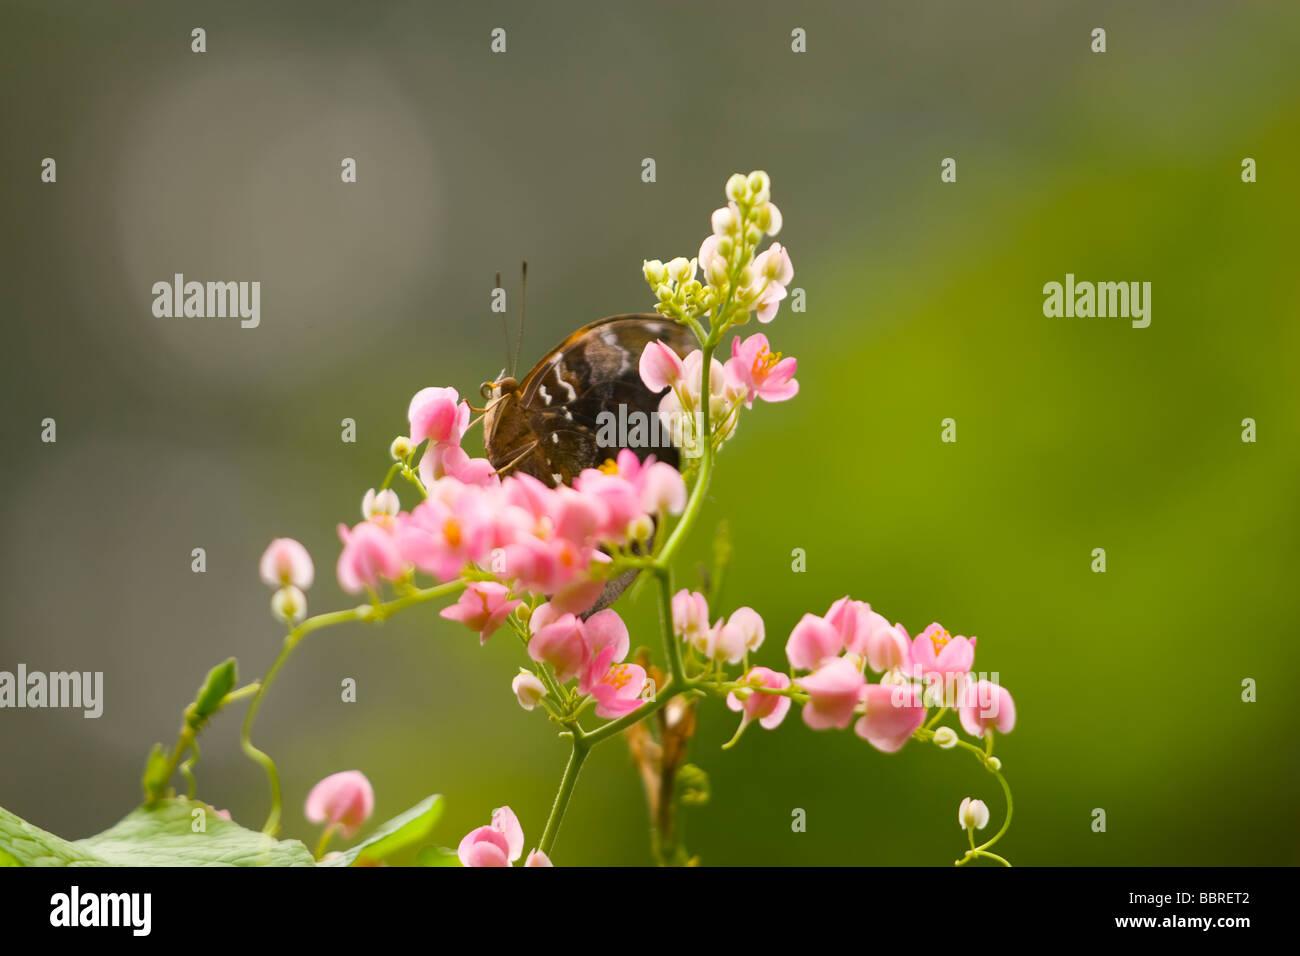 Un tropicale butterly sui fiori questa farfalla può essere visto ovunque in Malese foresta pluviale s Immagini Stock